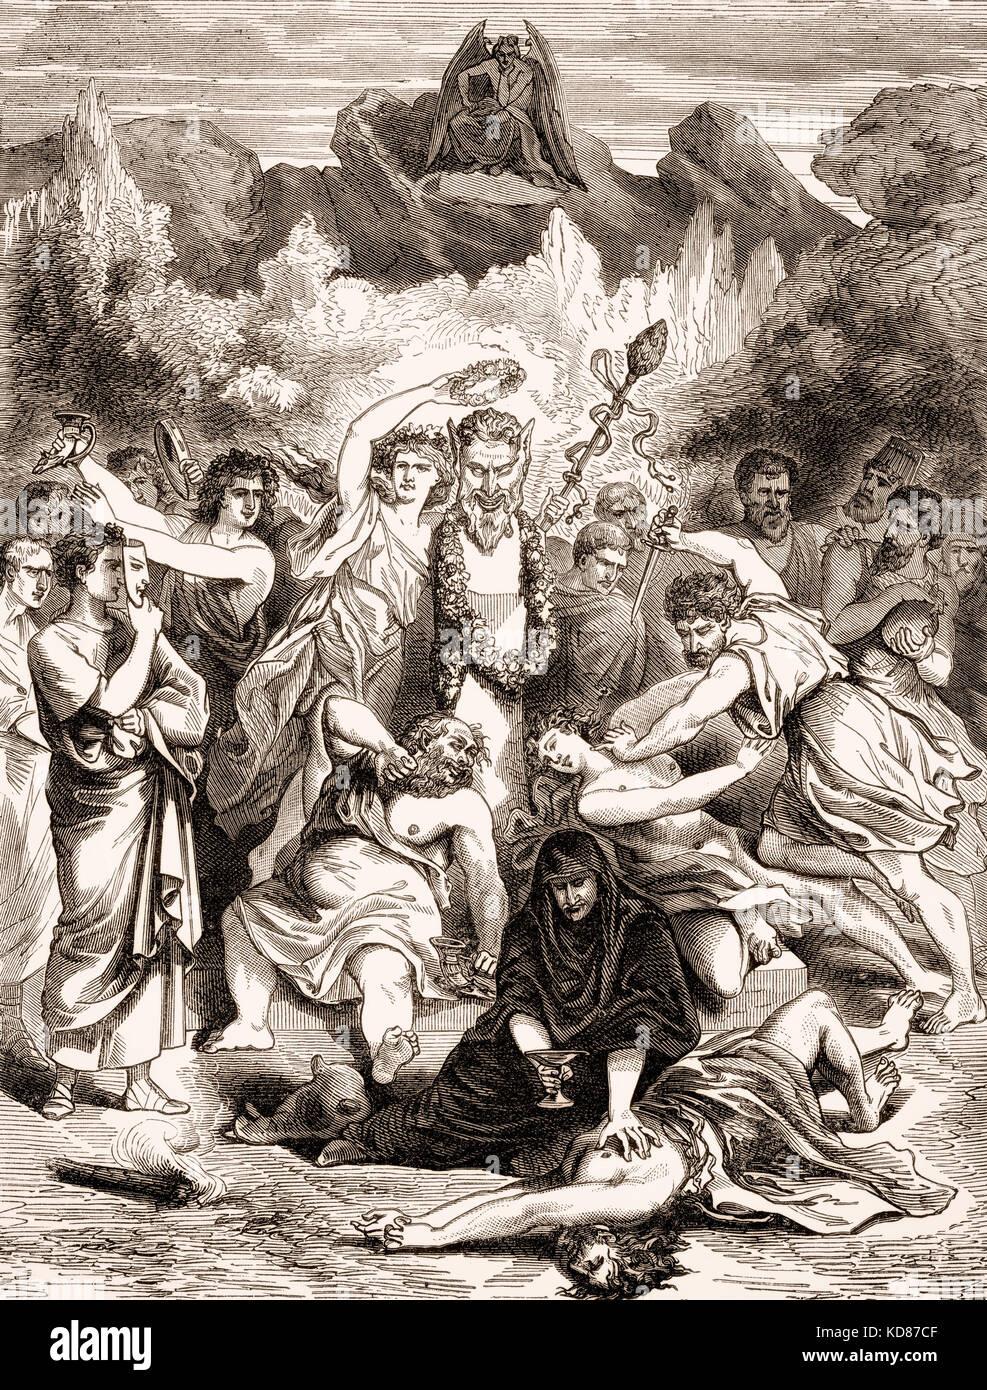 Romani durante la decadenza, la caduta dell Impero romano d occidente Immagini Stock